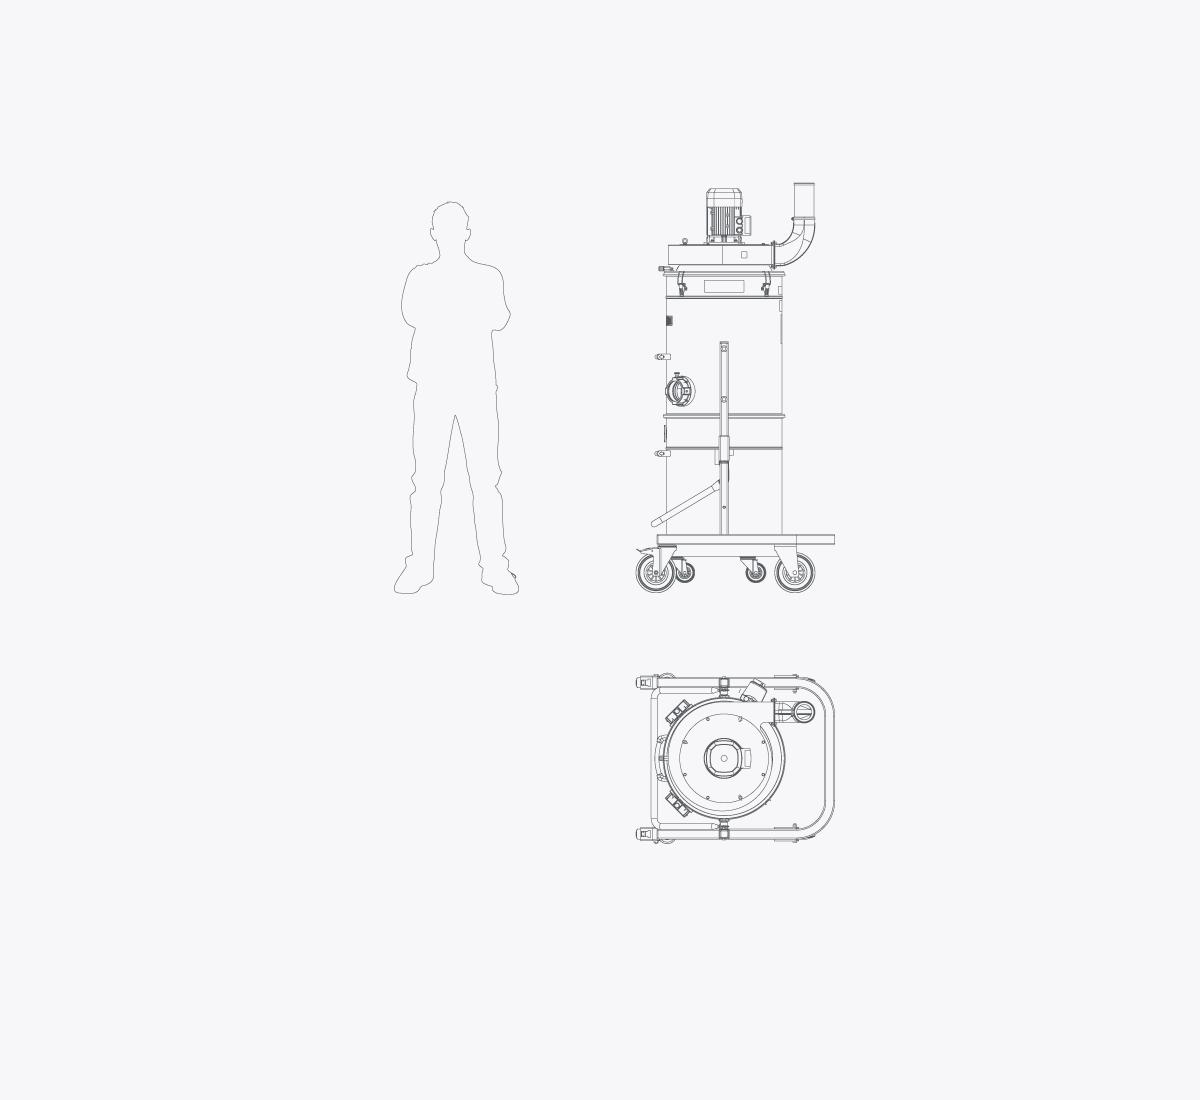 iv3-extrusion-line-ventola-sopra-industrial-vacuum-cleaners-ivision-vacuum-dt